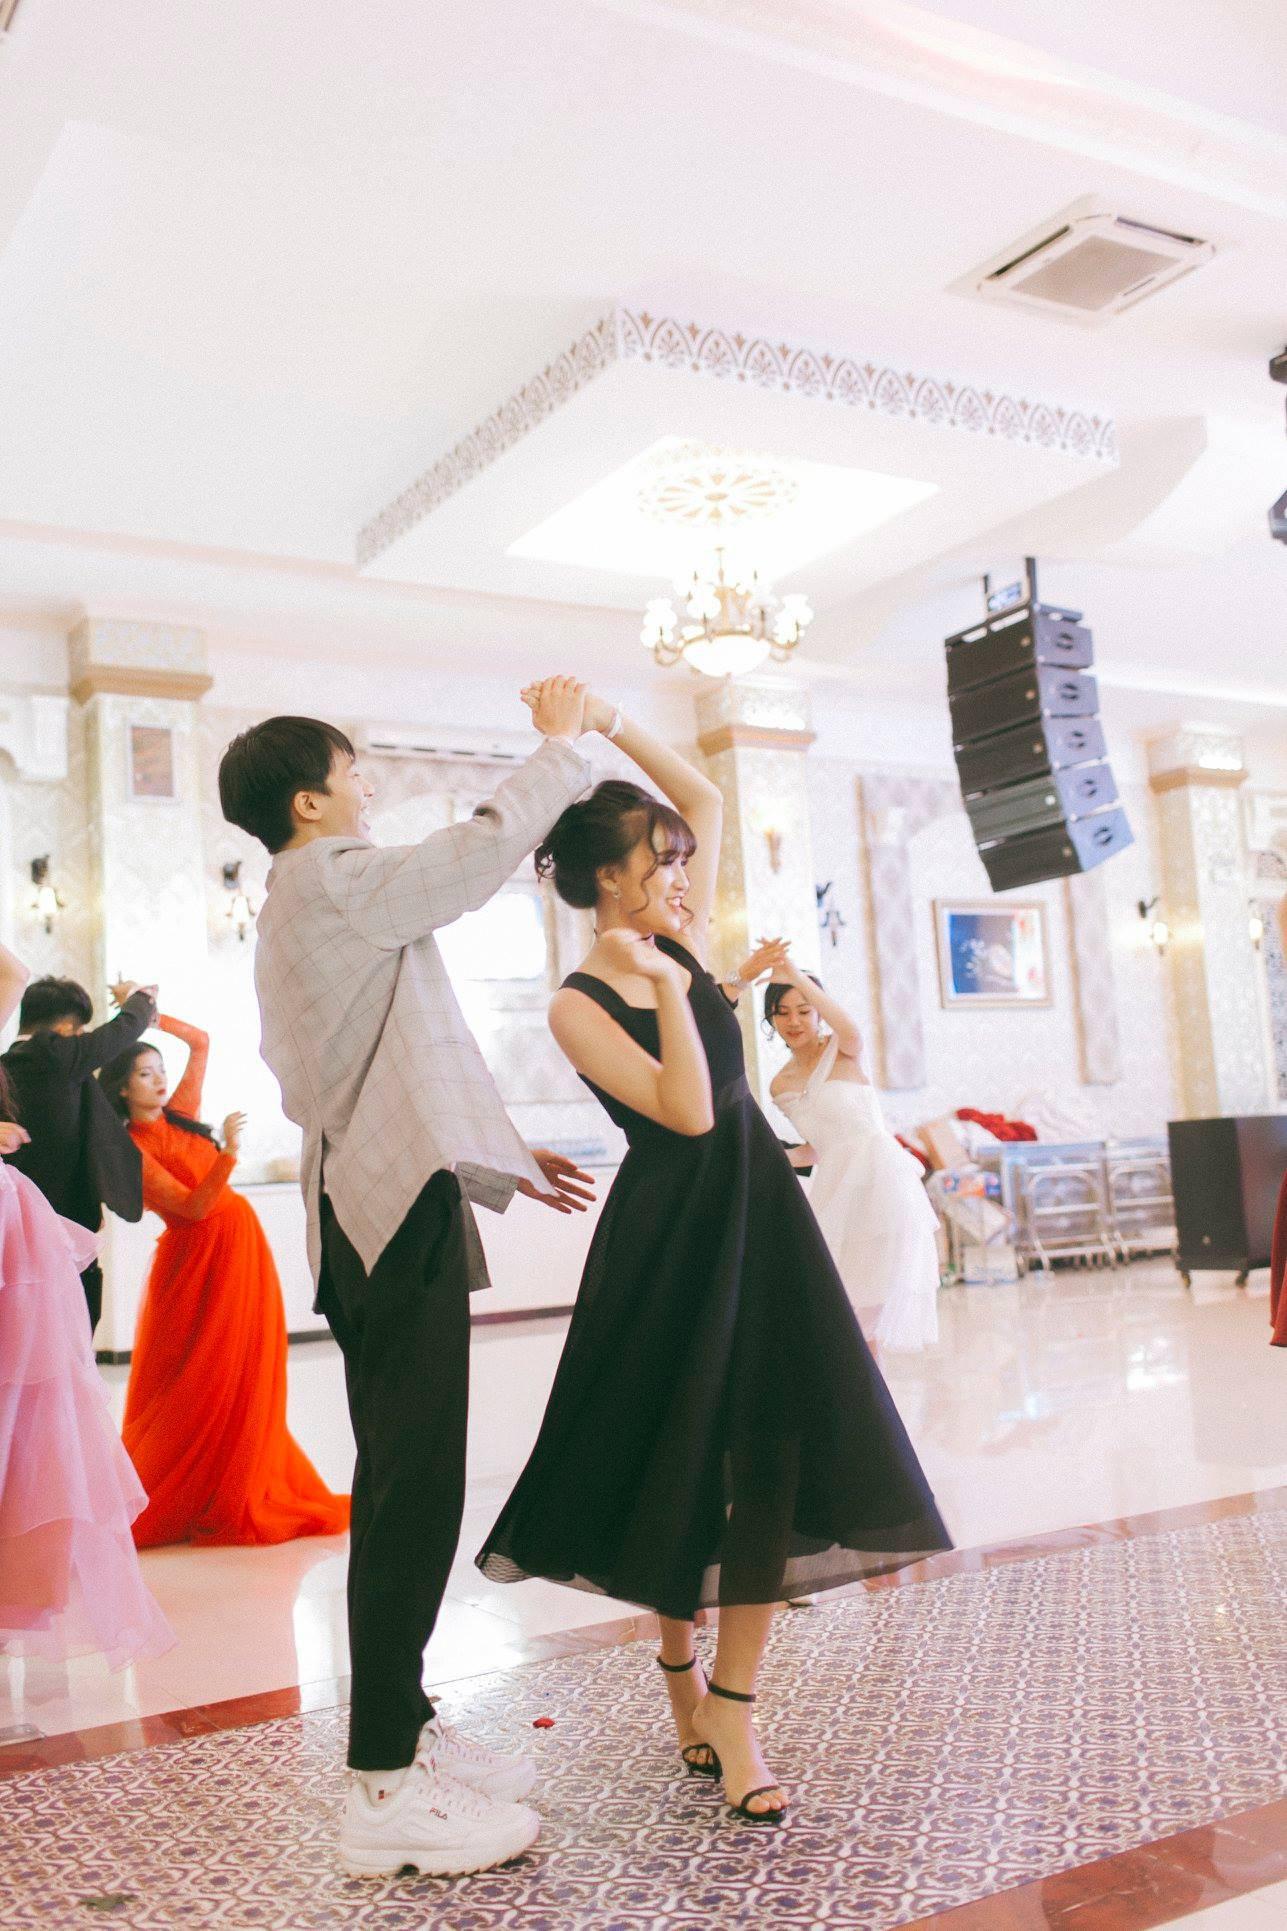 Không chỉ RMIT, trường chuyên phố núi Kon Tum cũng khiến chúng ta đã mắt với dàn trai xinh gái đẹp trong tiệc prom - Ảnh 24.